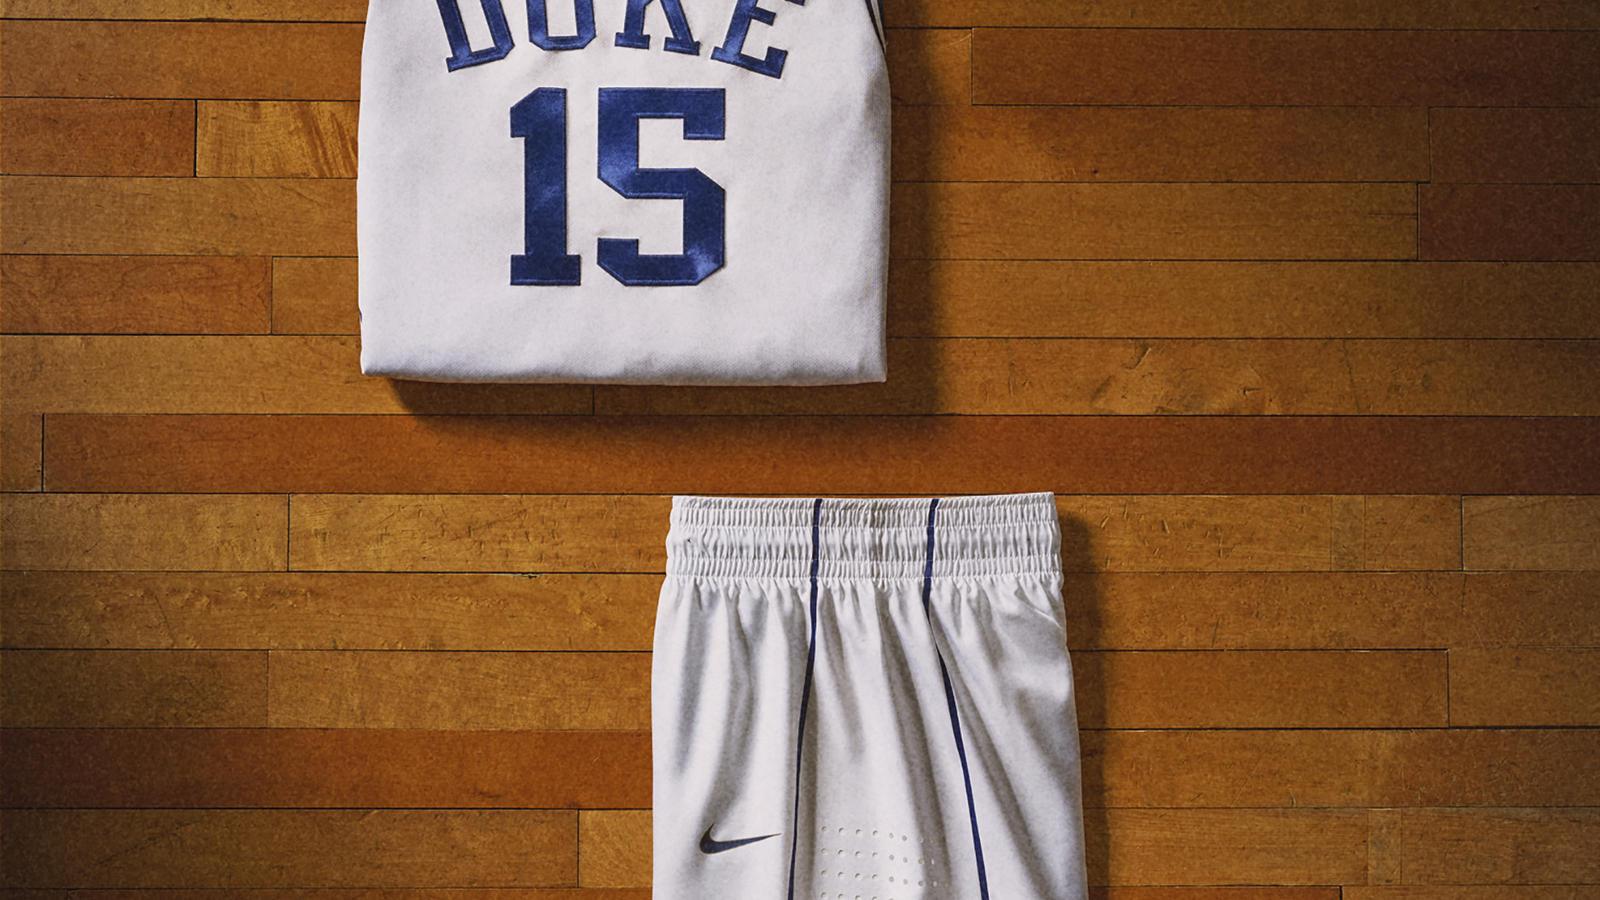 Duke main uniform